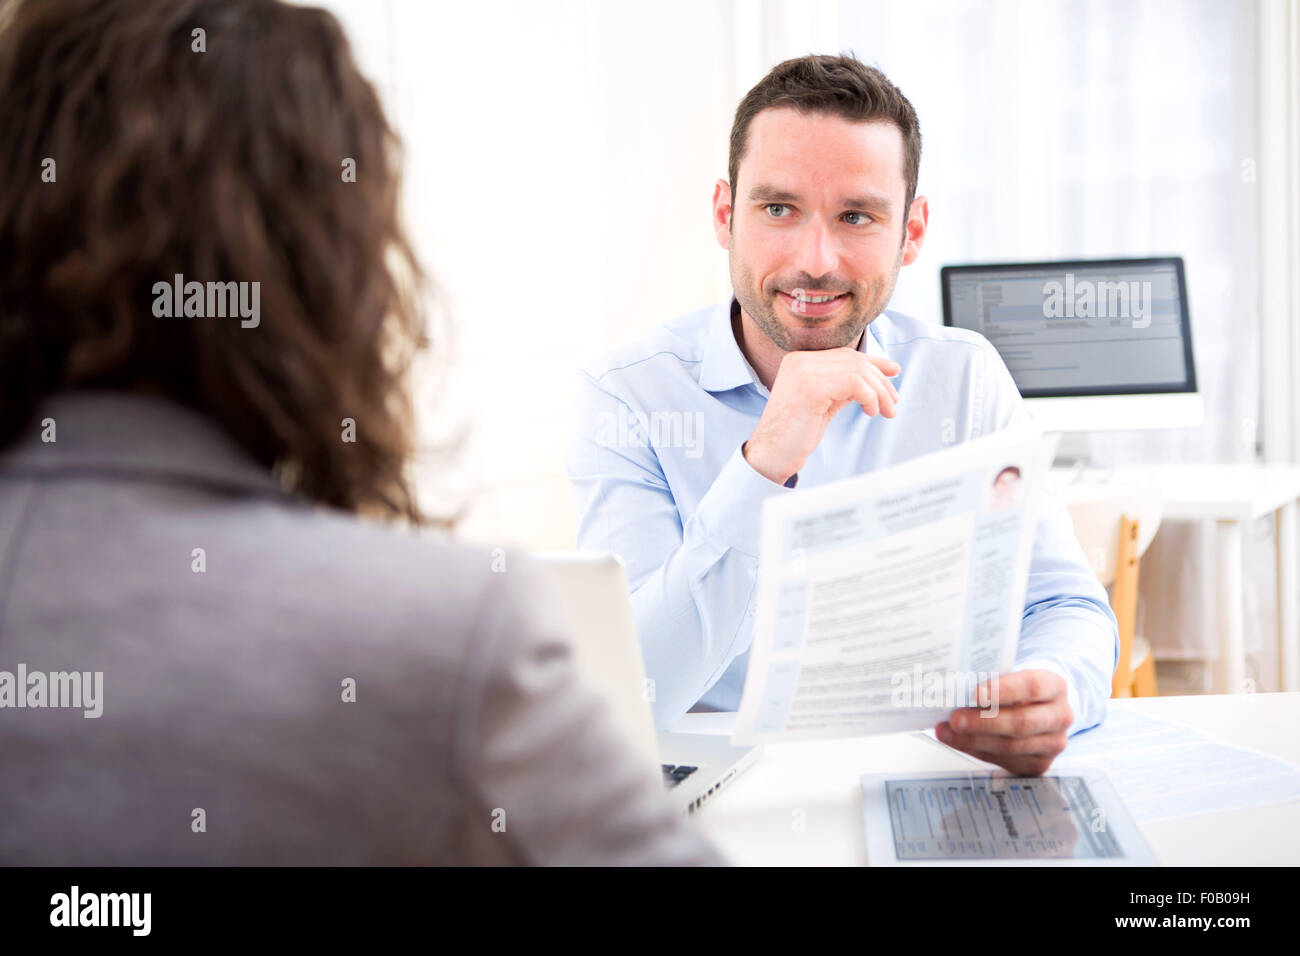 Blick auf einen jungen attraktiven Arbeitgeber Analyse Lebenslauf von Frau Stockbild